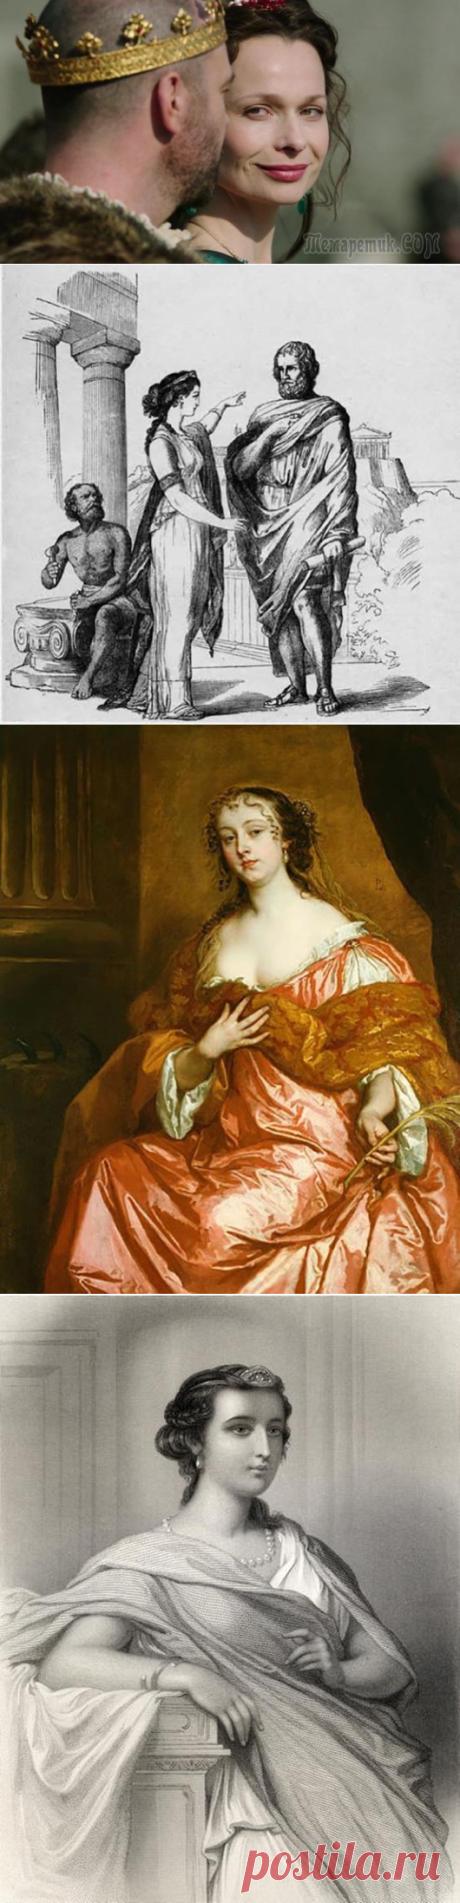 4 самые знаменитые любовницы, которые изменили историю